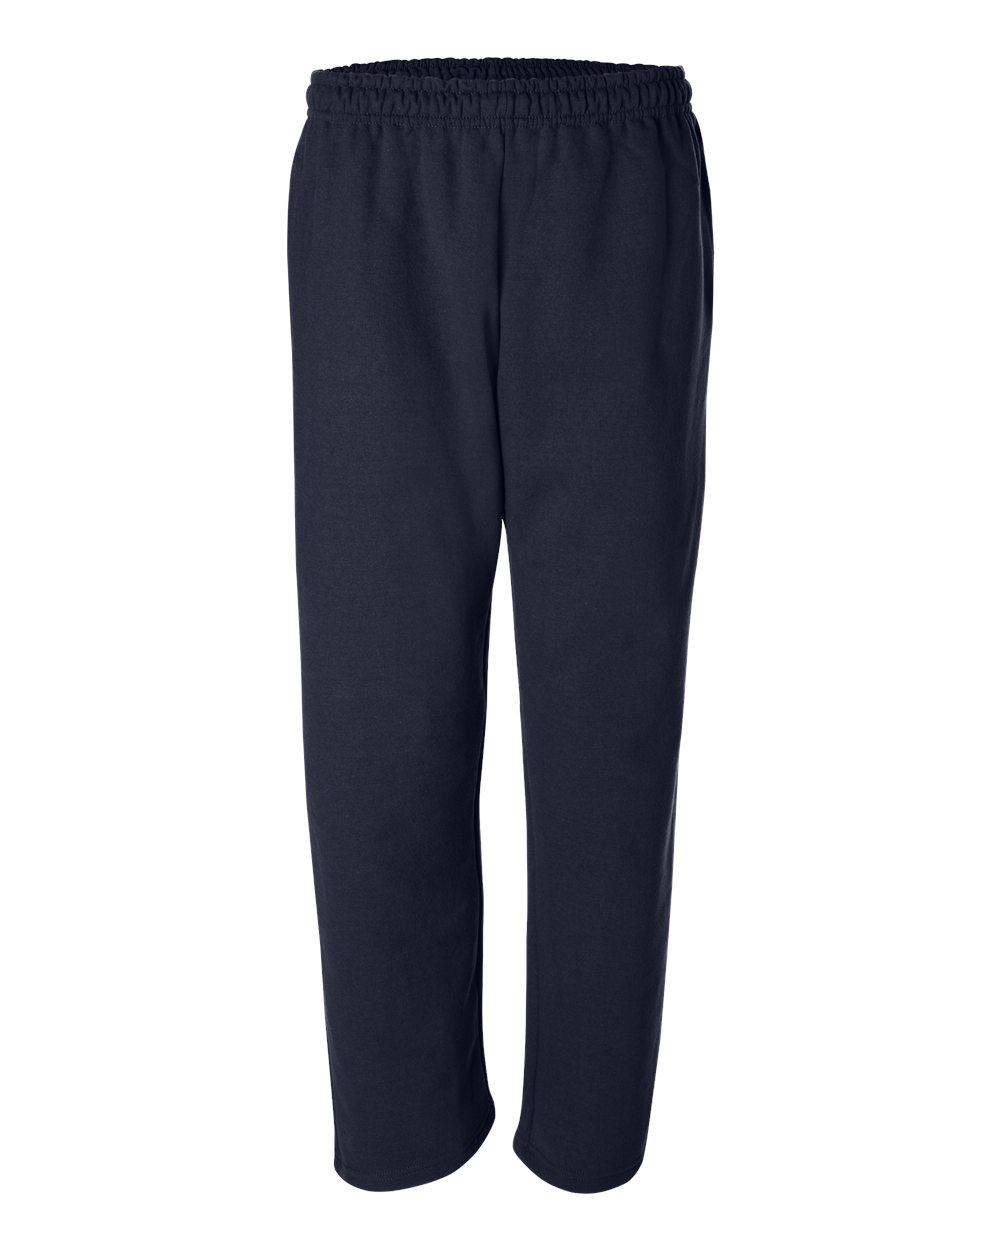 Gildan-Mens-DryBlend-Open-Bottom-Pocket-Sweatpants-12300-up-to-2XL thumbnail 12